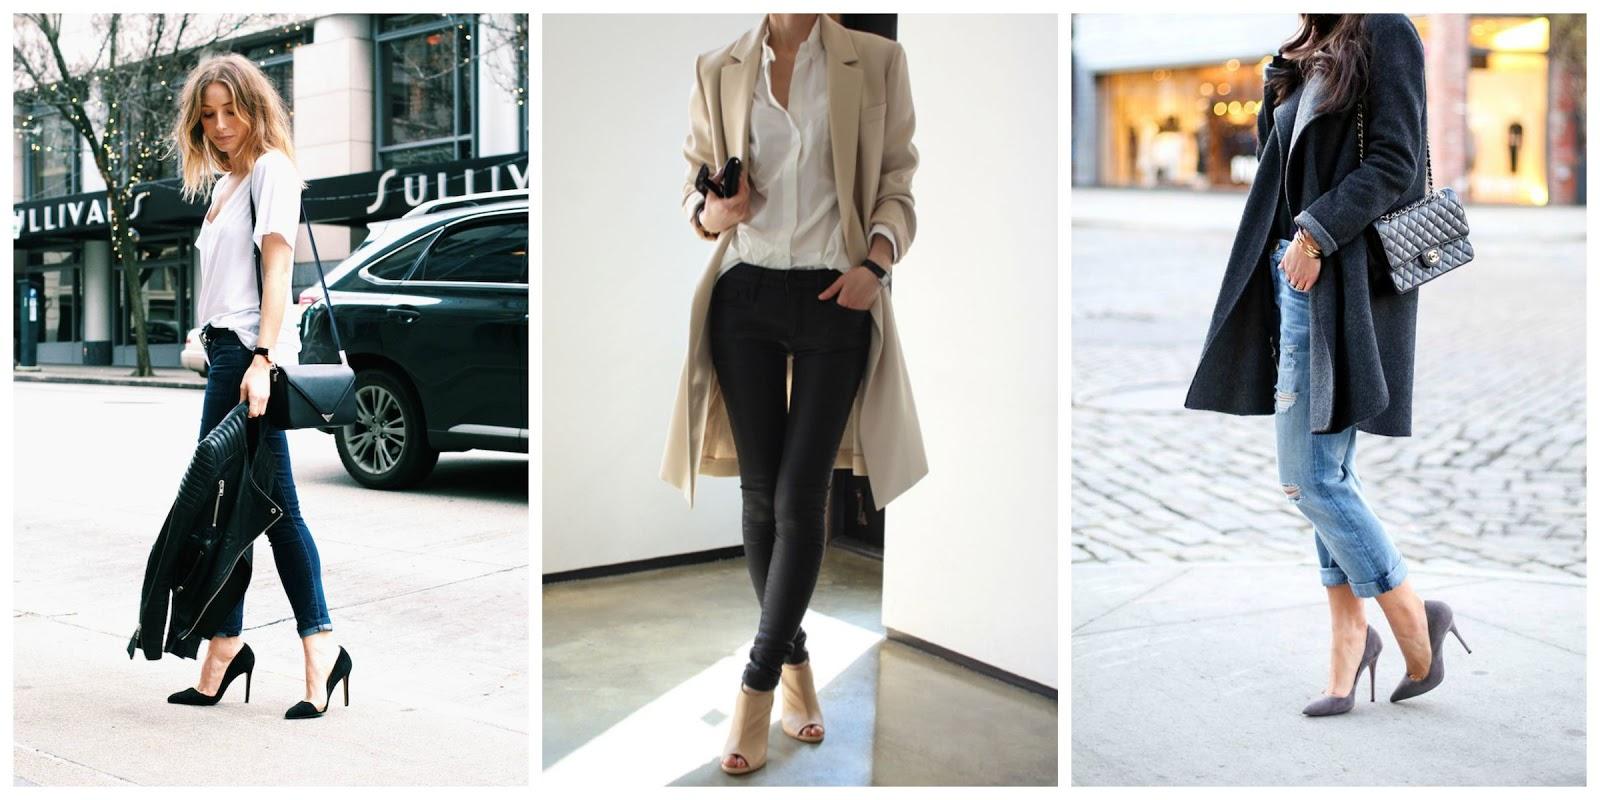 Fall heels